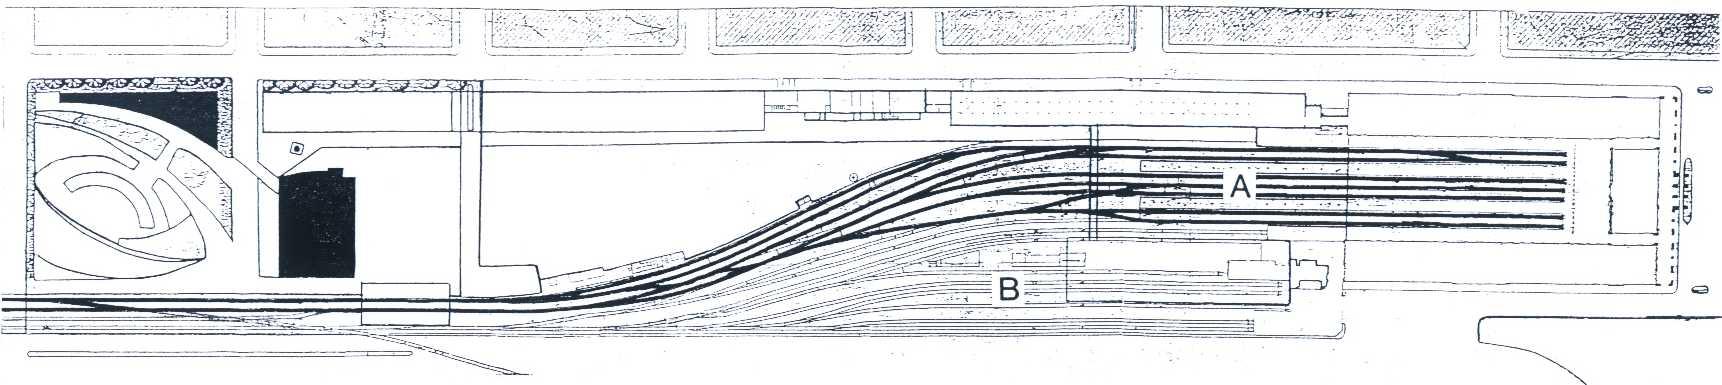 Nuevo plano de vías